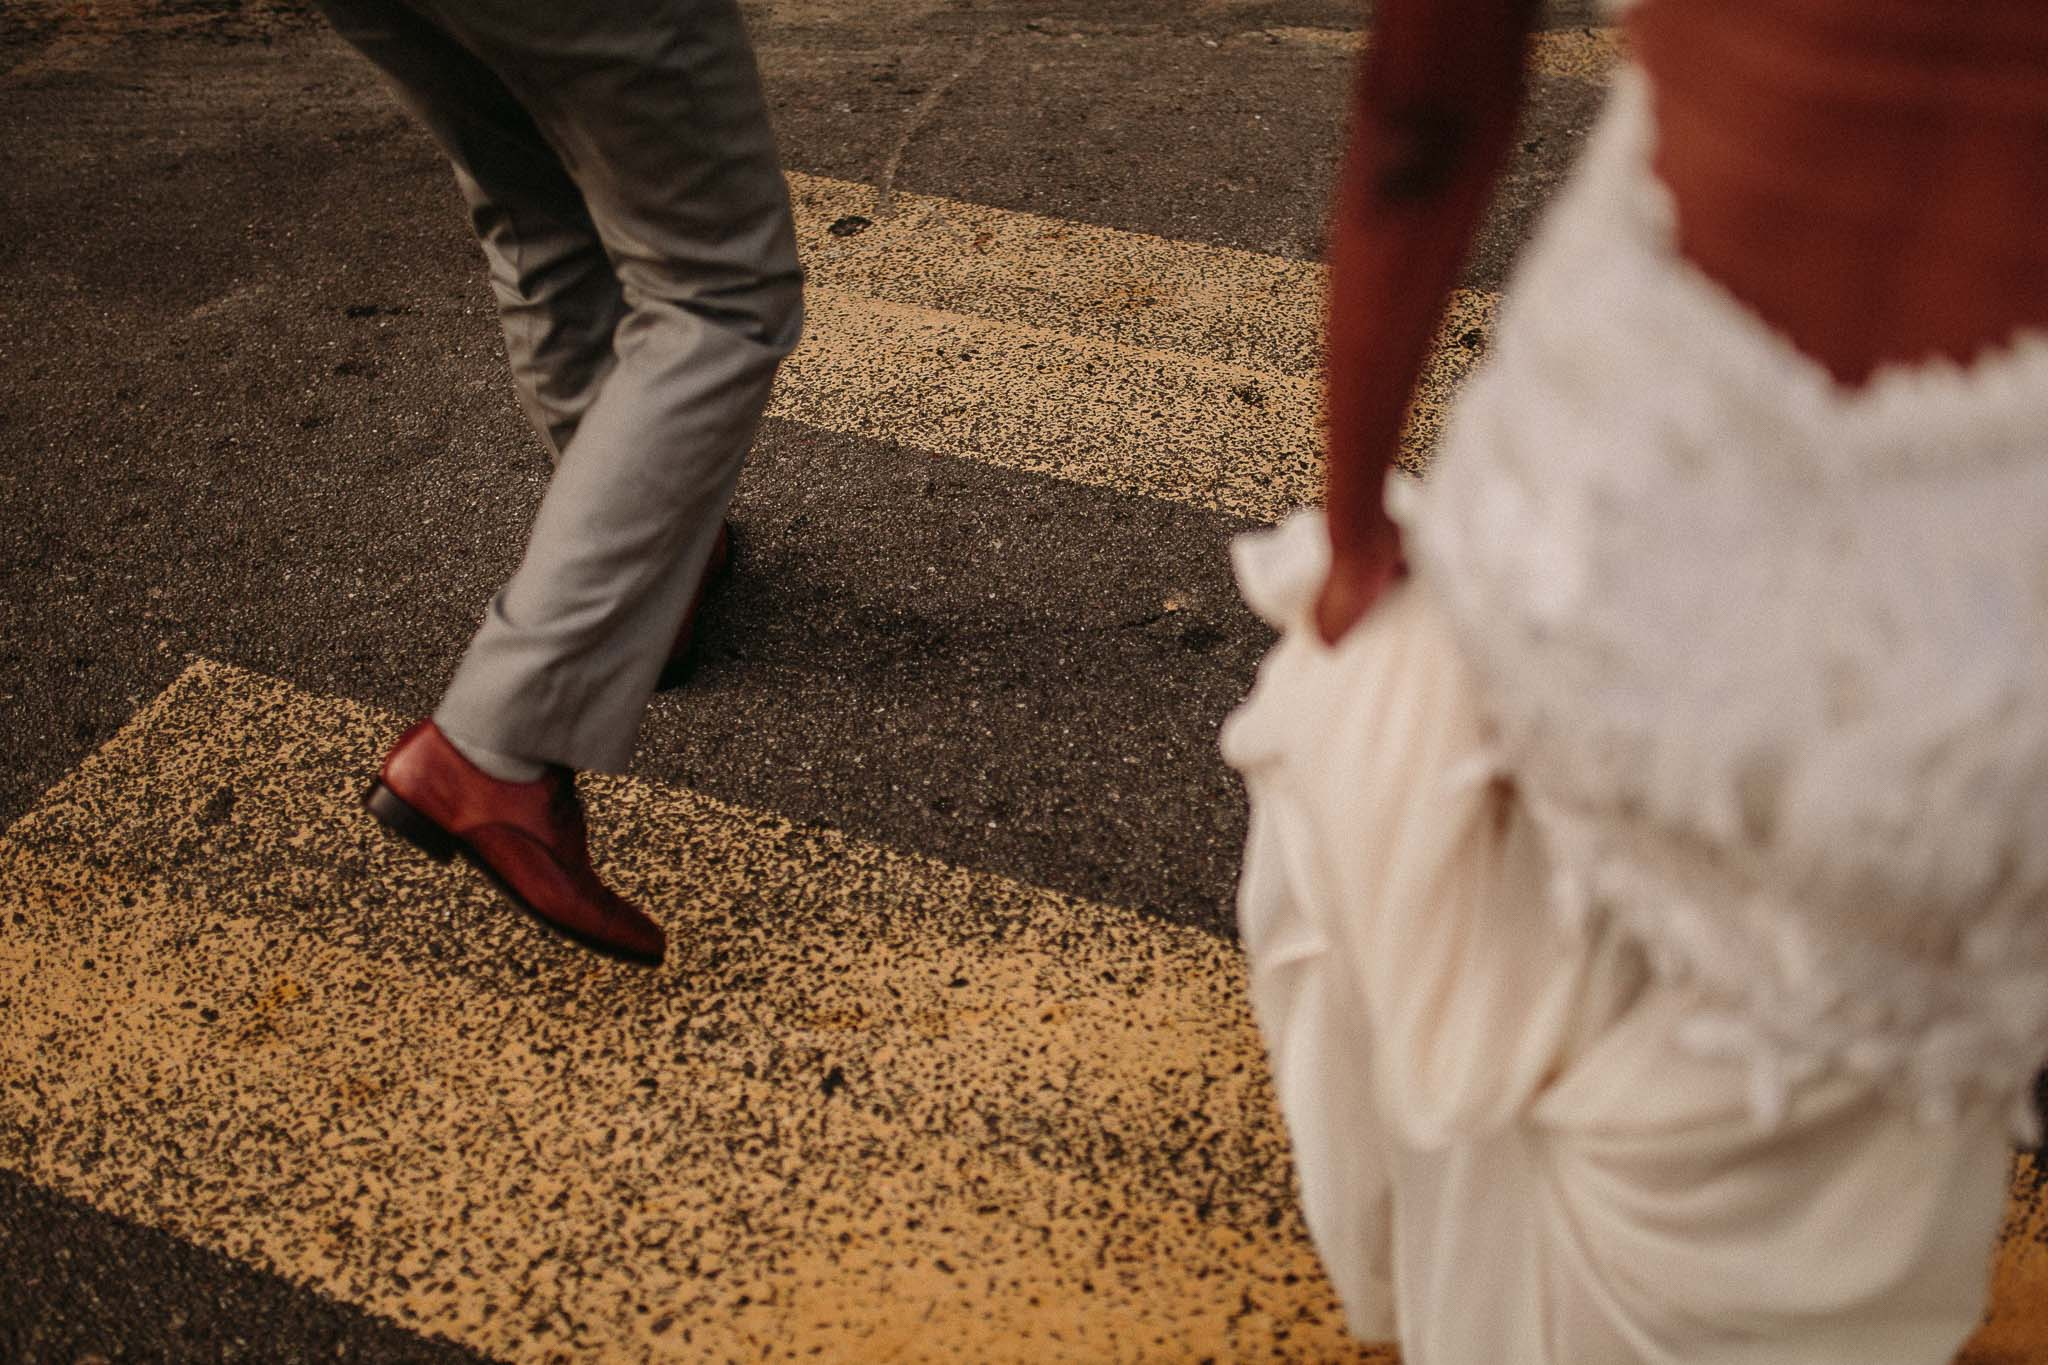 u&m-weddingsbyqay-lovesession-destinationweddingphotographer (20 of 160).jpg